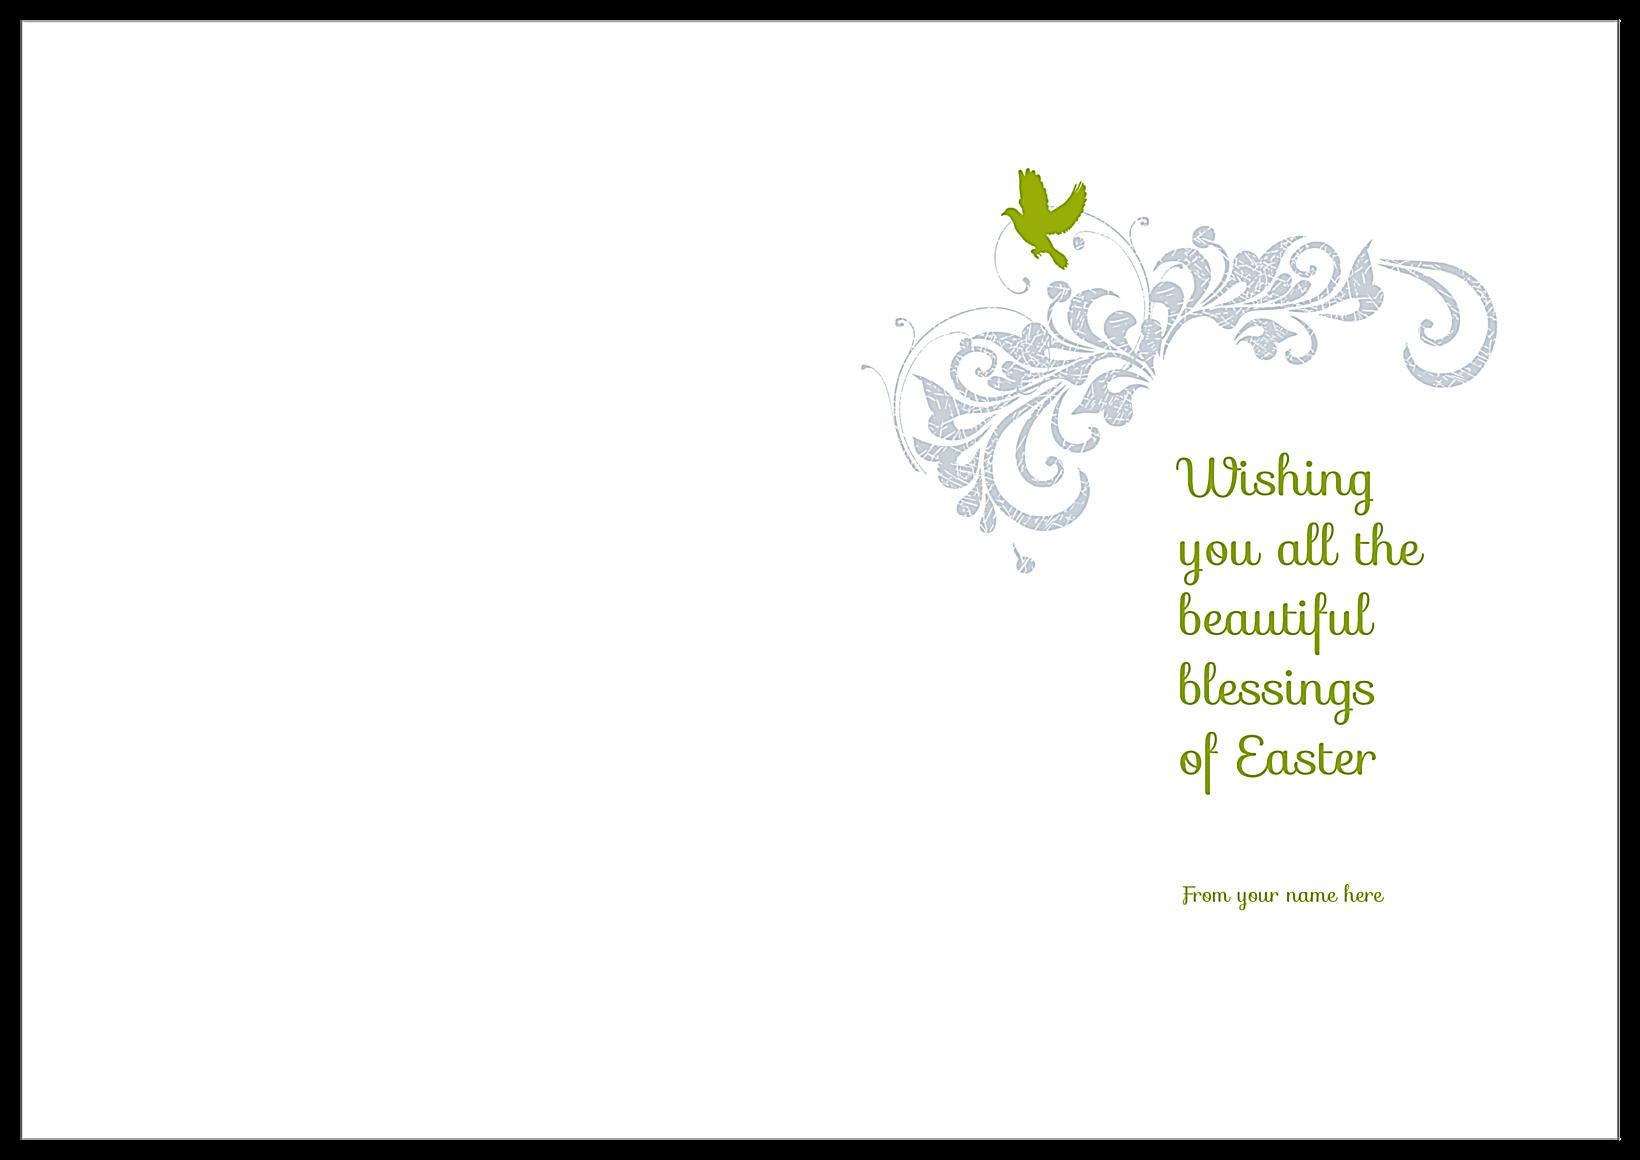 Easter Rabbit back - Greeting Cards Maker